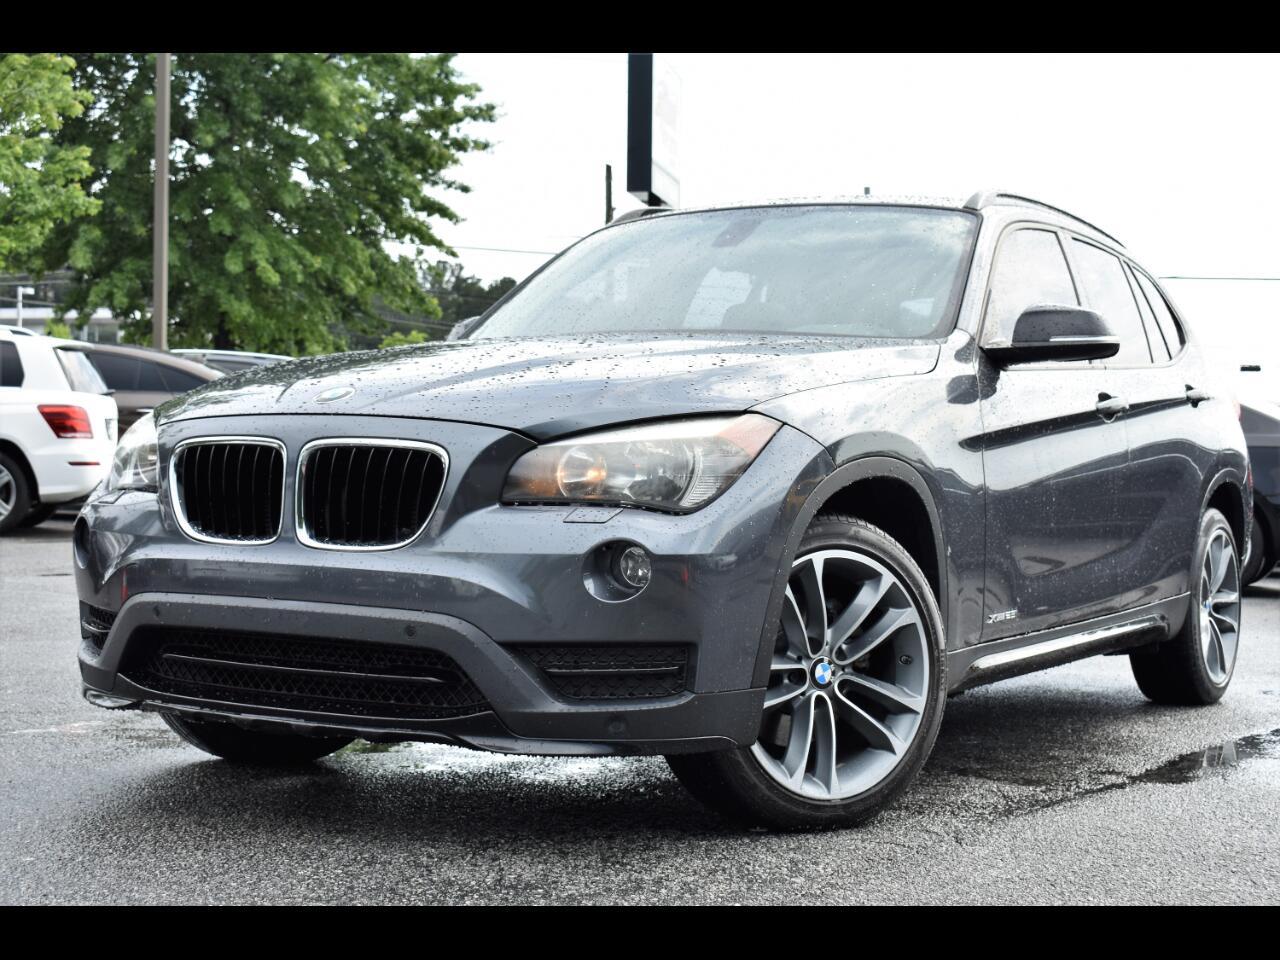 BMW X1 XDrive28i 4D SUV 2015